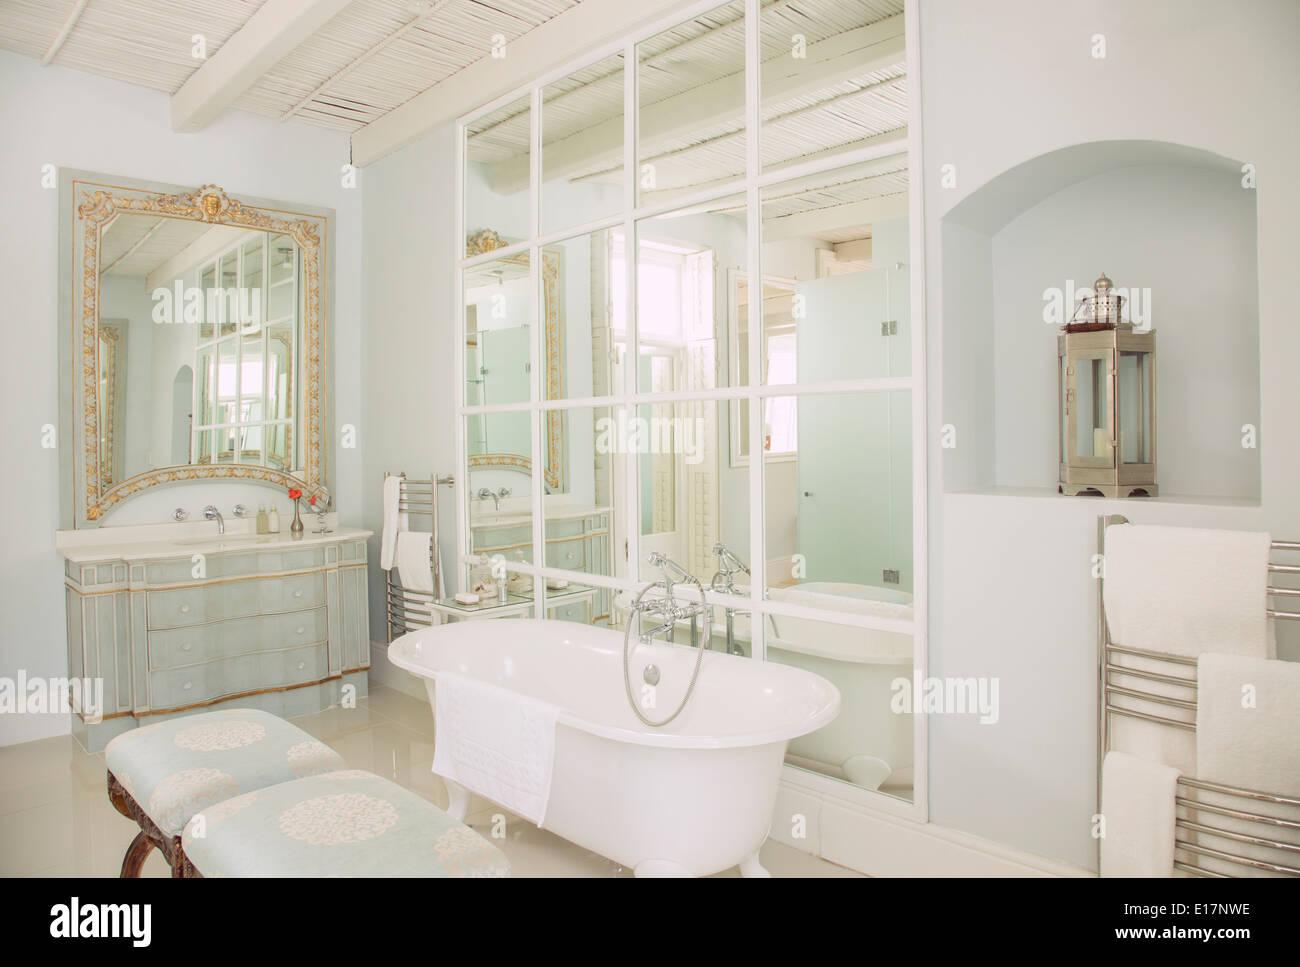 Luxury bathroom - Stock Image